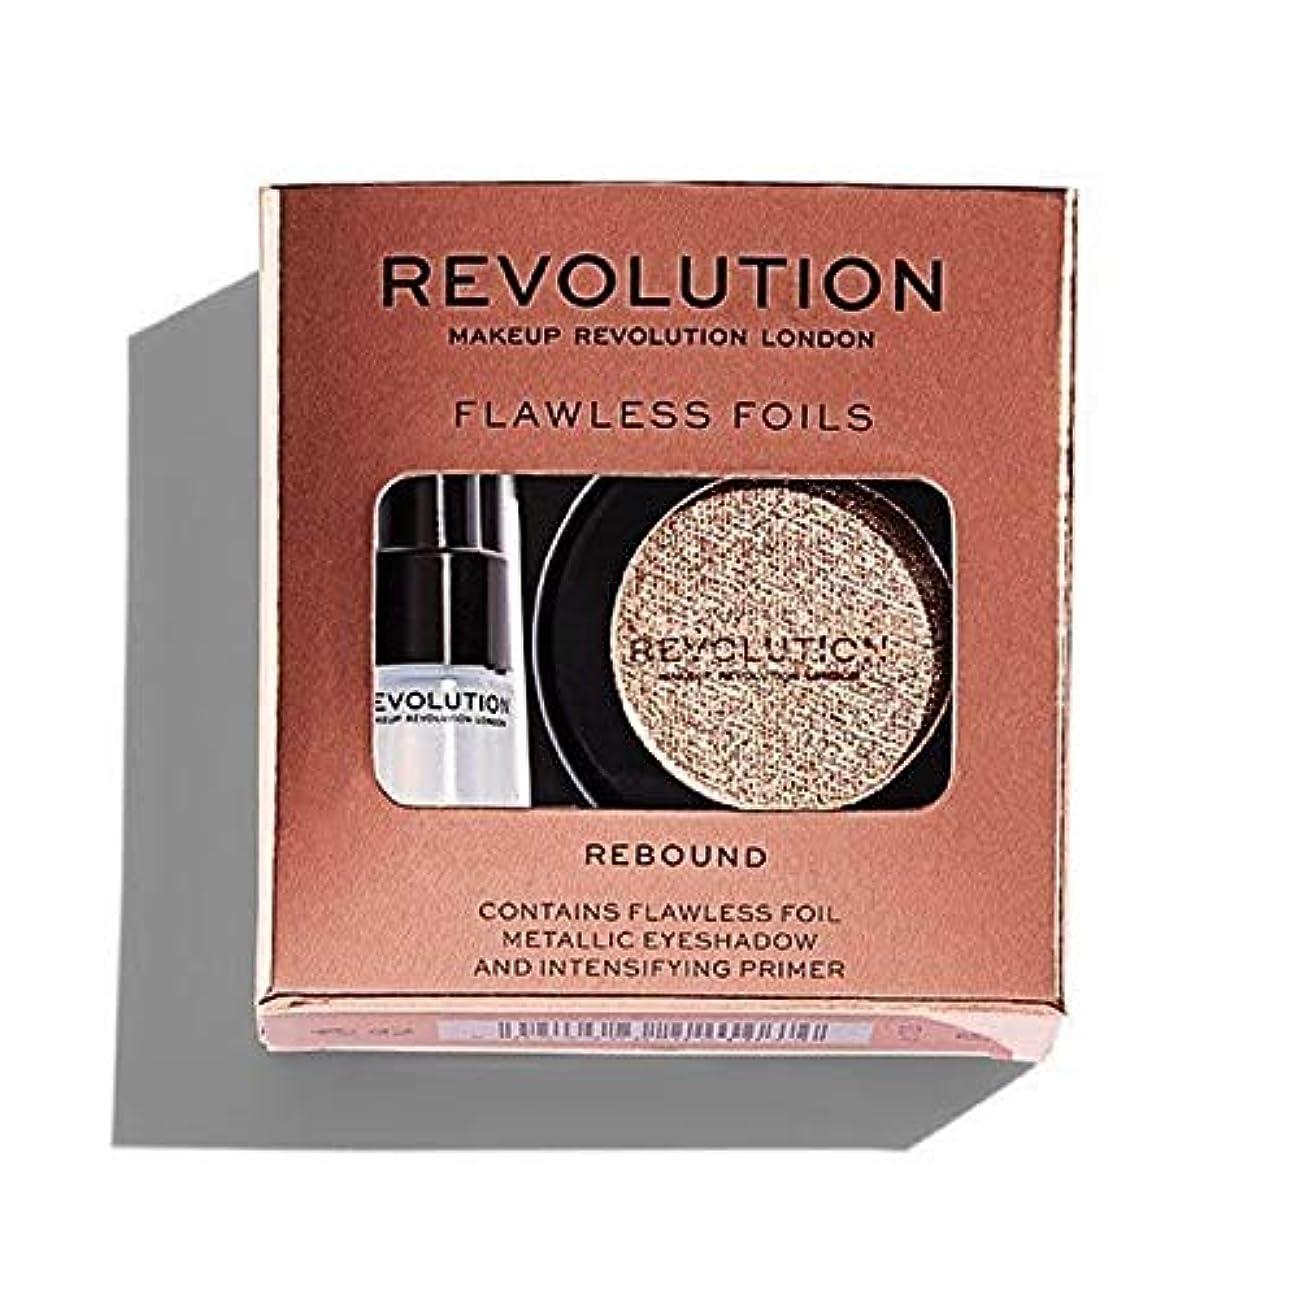 漂流卒業余暇[Revolution ] 革命完璧な箔のリバウンド - Revolution Flawless Foils Rebound [並行輸入品]